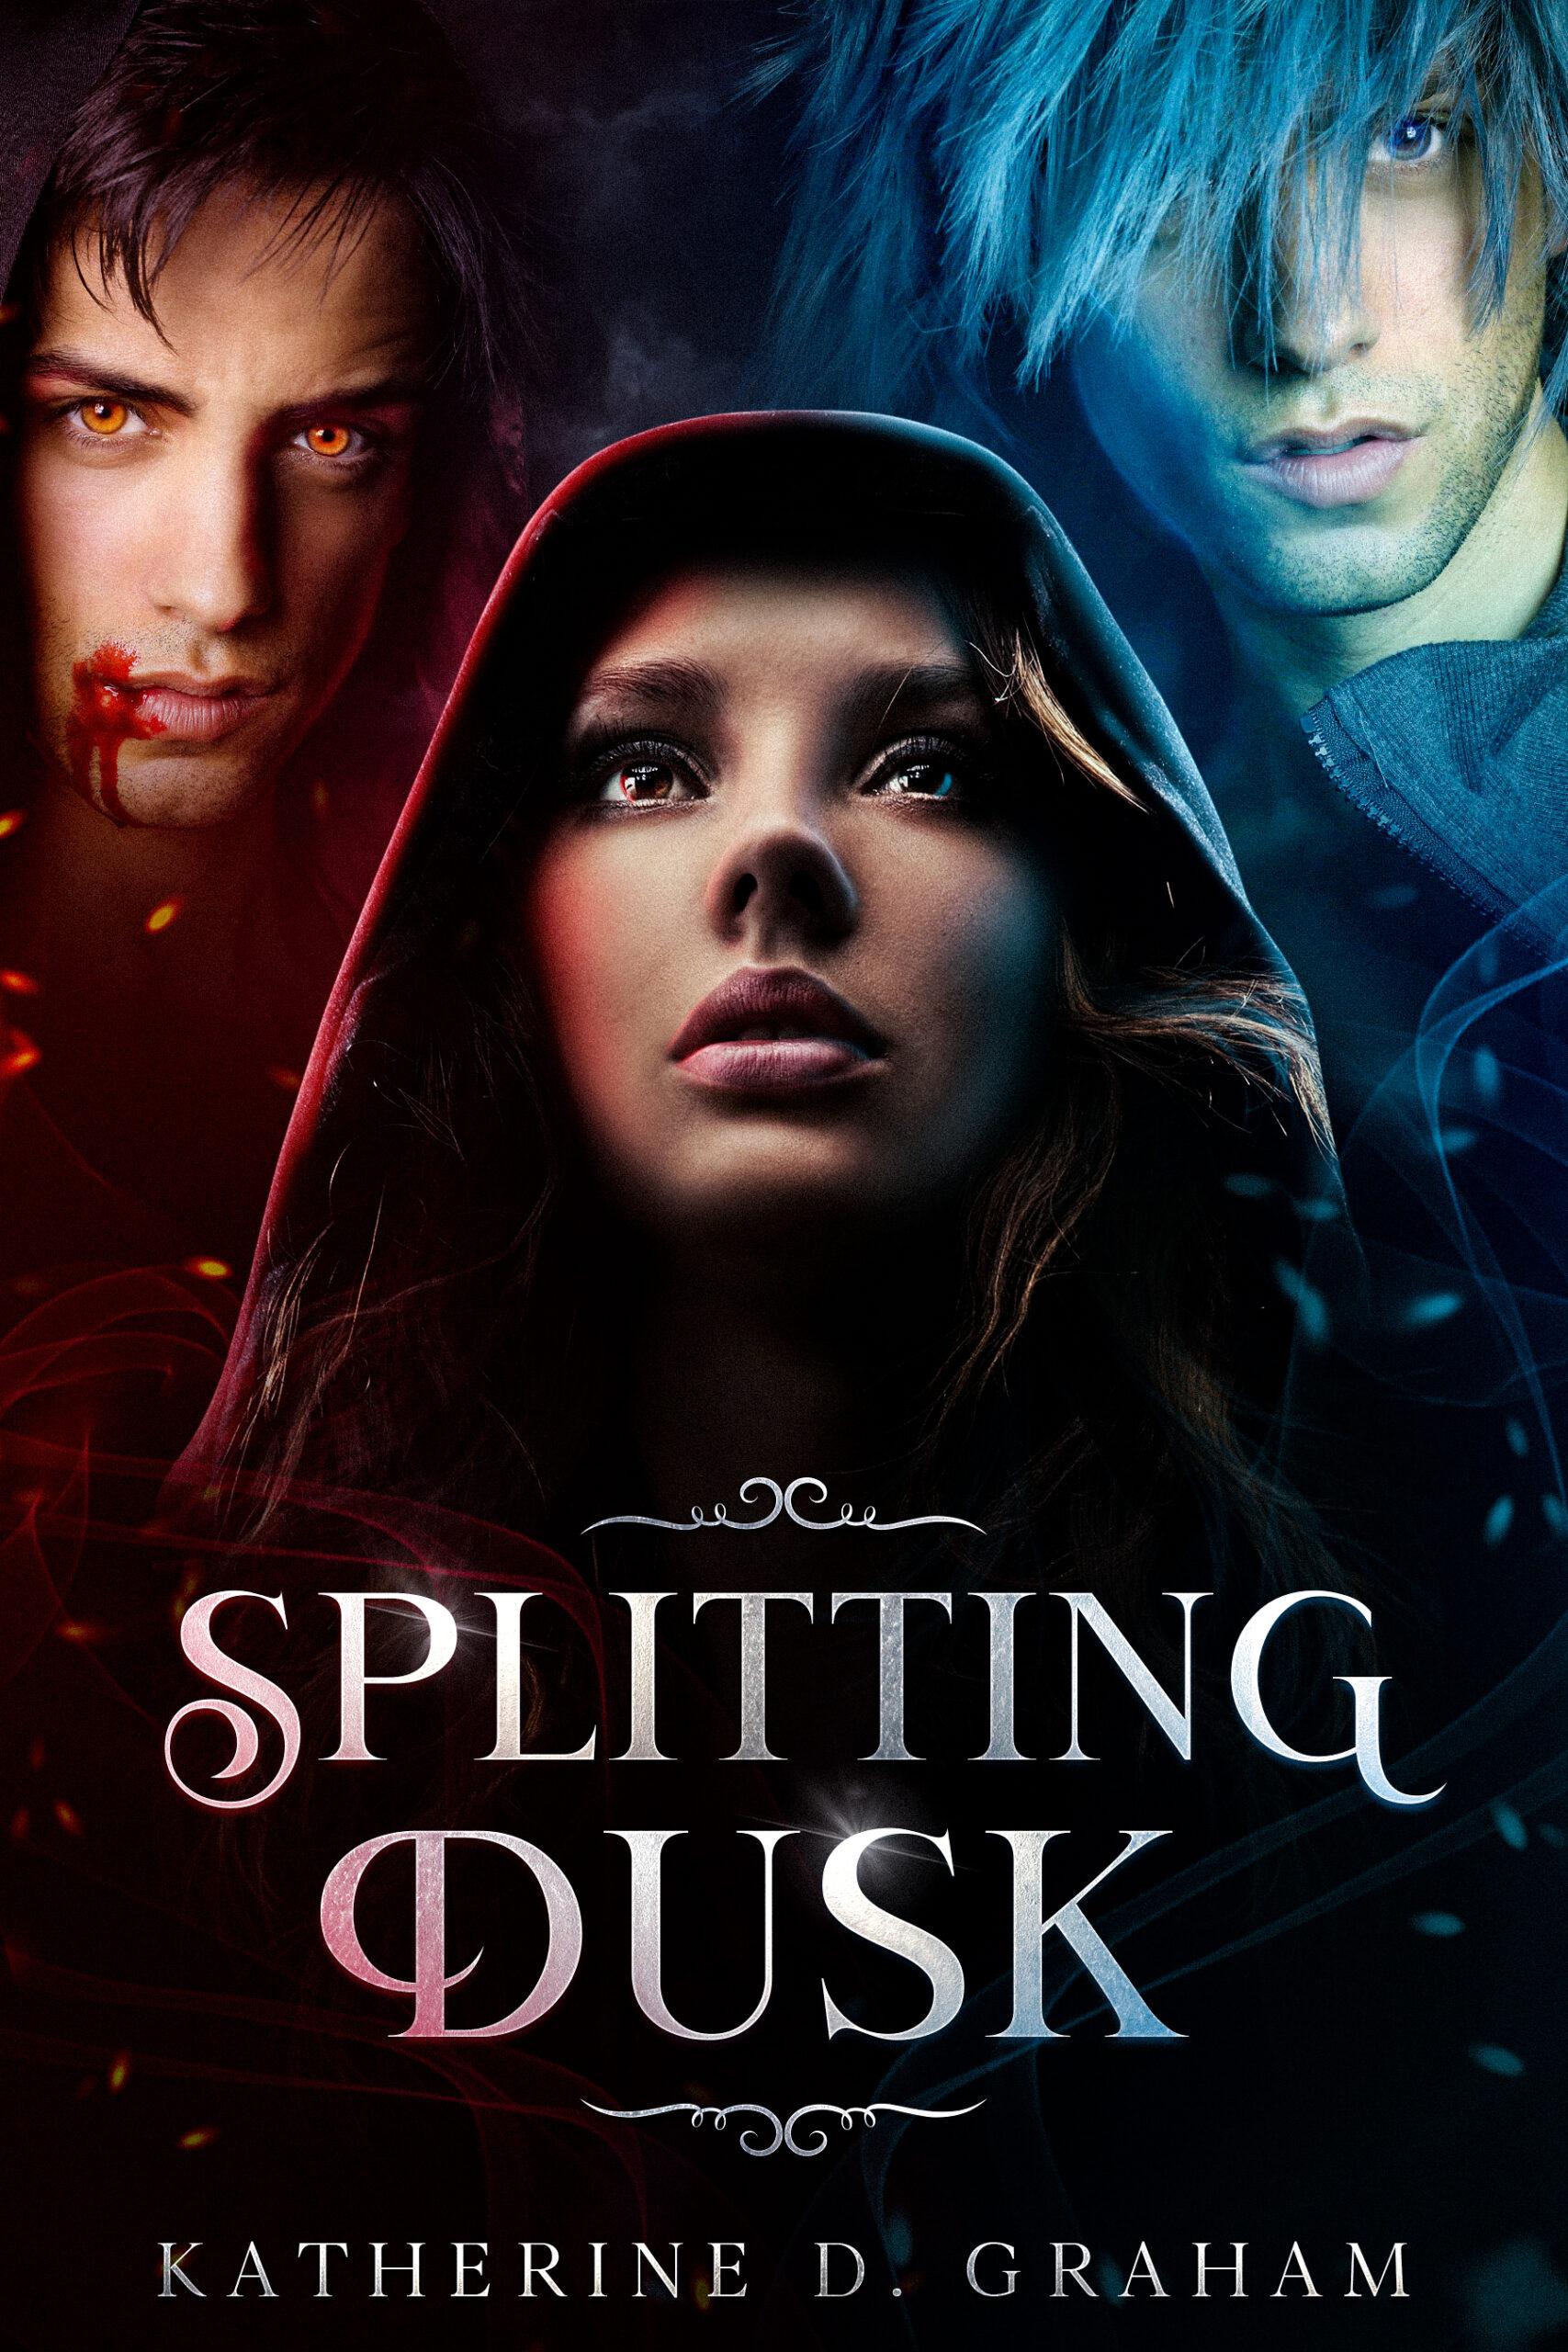 Splitting-Dusk-Cover.jpg